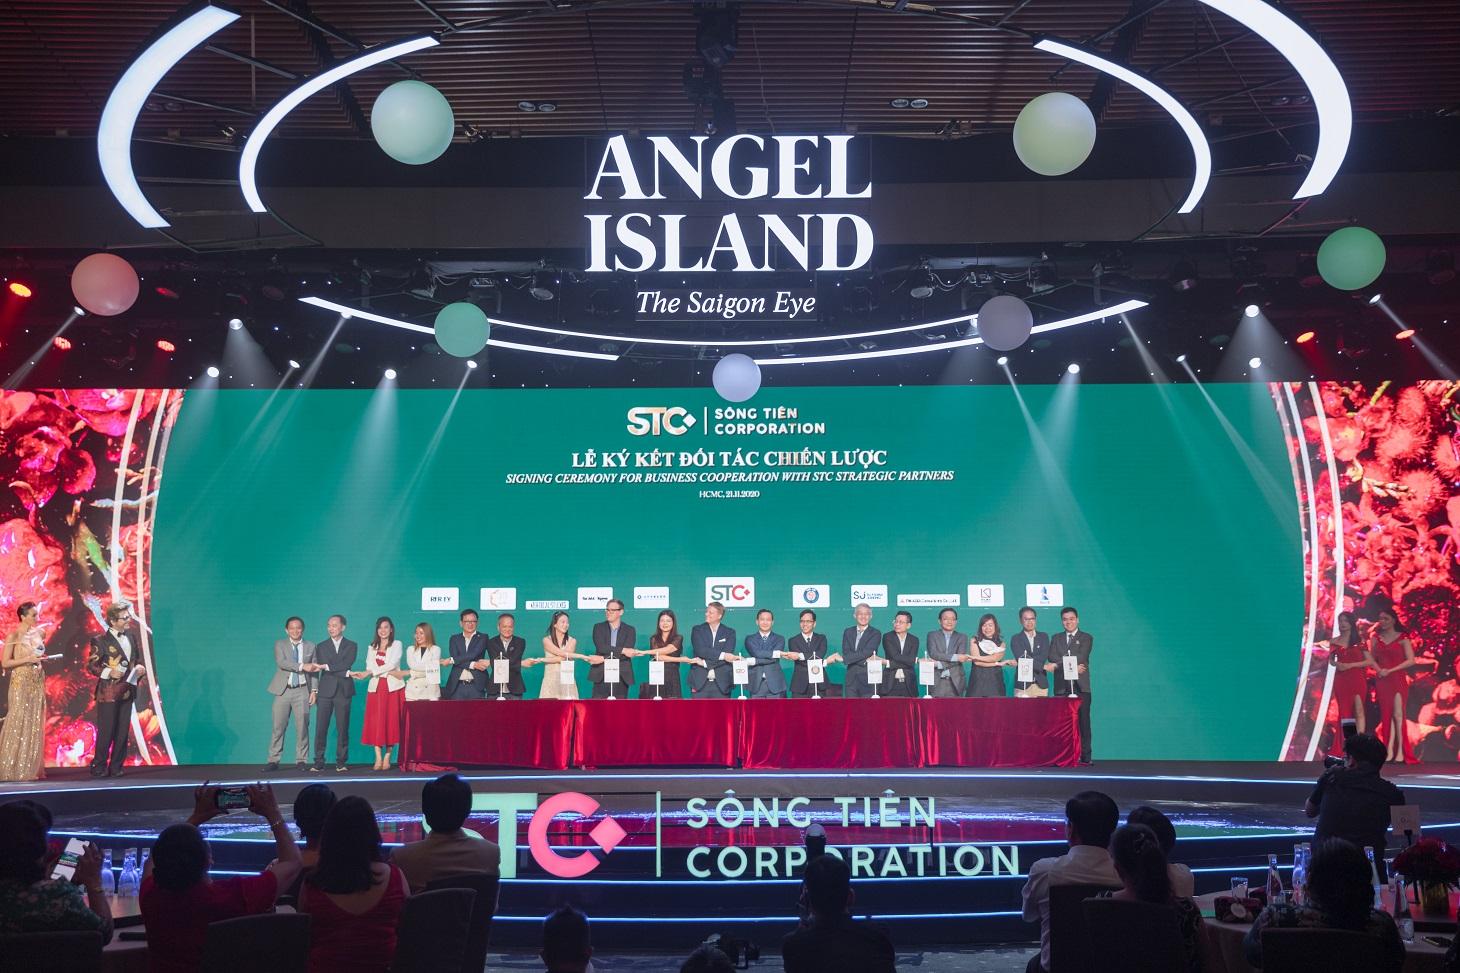 20210121142141 60d0 Tin thị trường BĐS mới: Angel Island được kiến tạo bởi hơn 20 đối tác trong nước và quốc tế